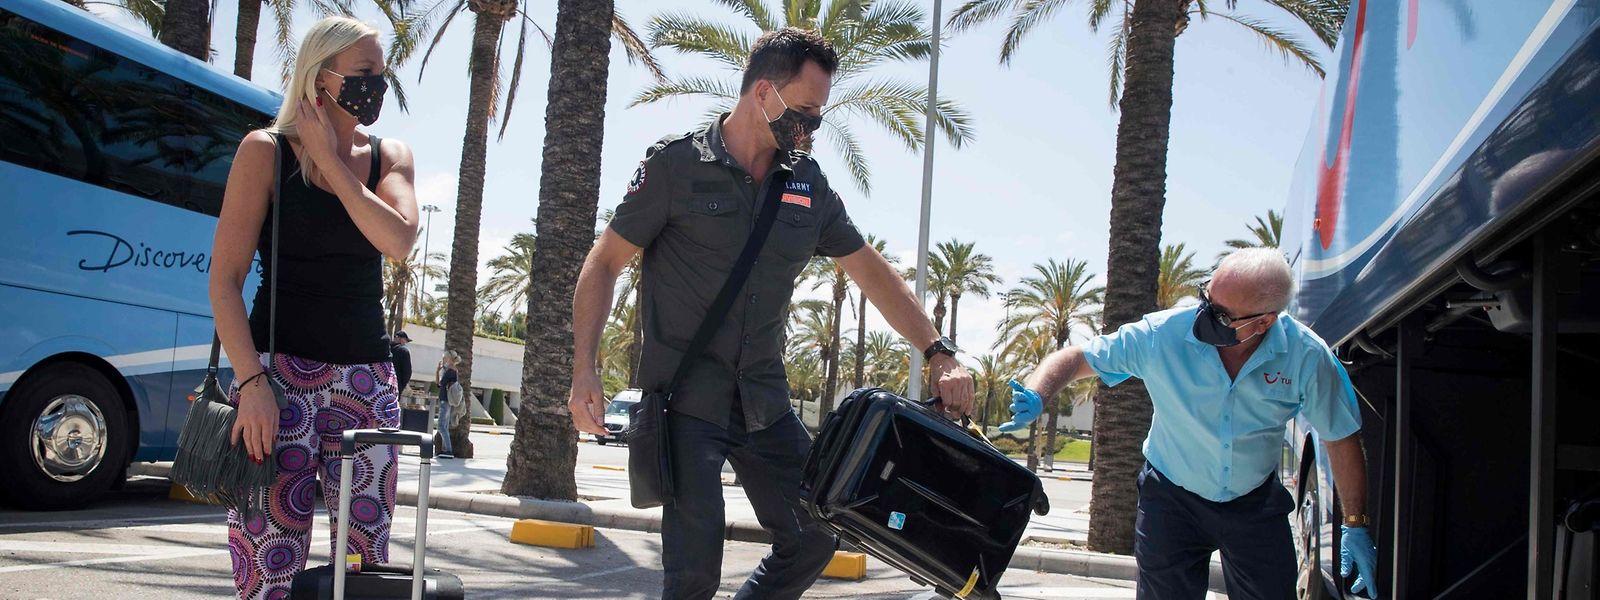 Vom 15. bis 20. Juni dürfen ausschließlich Deutsche auf der Baleareninsel Mallorca Urlaub machen.